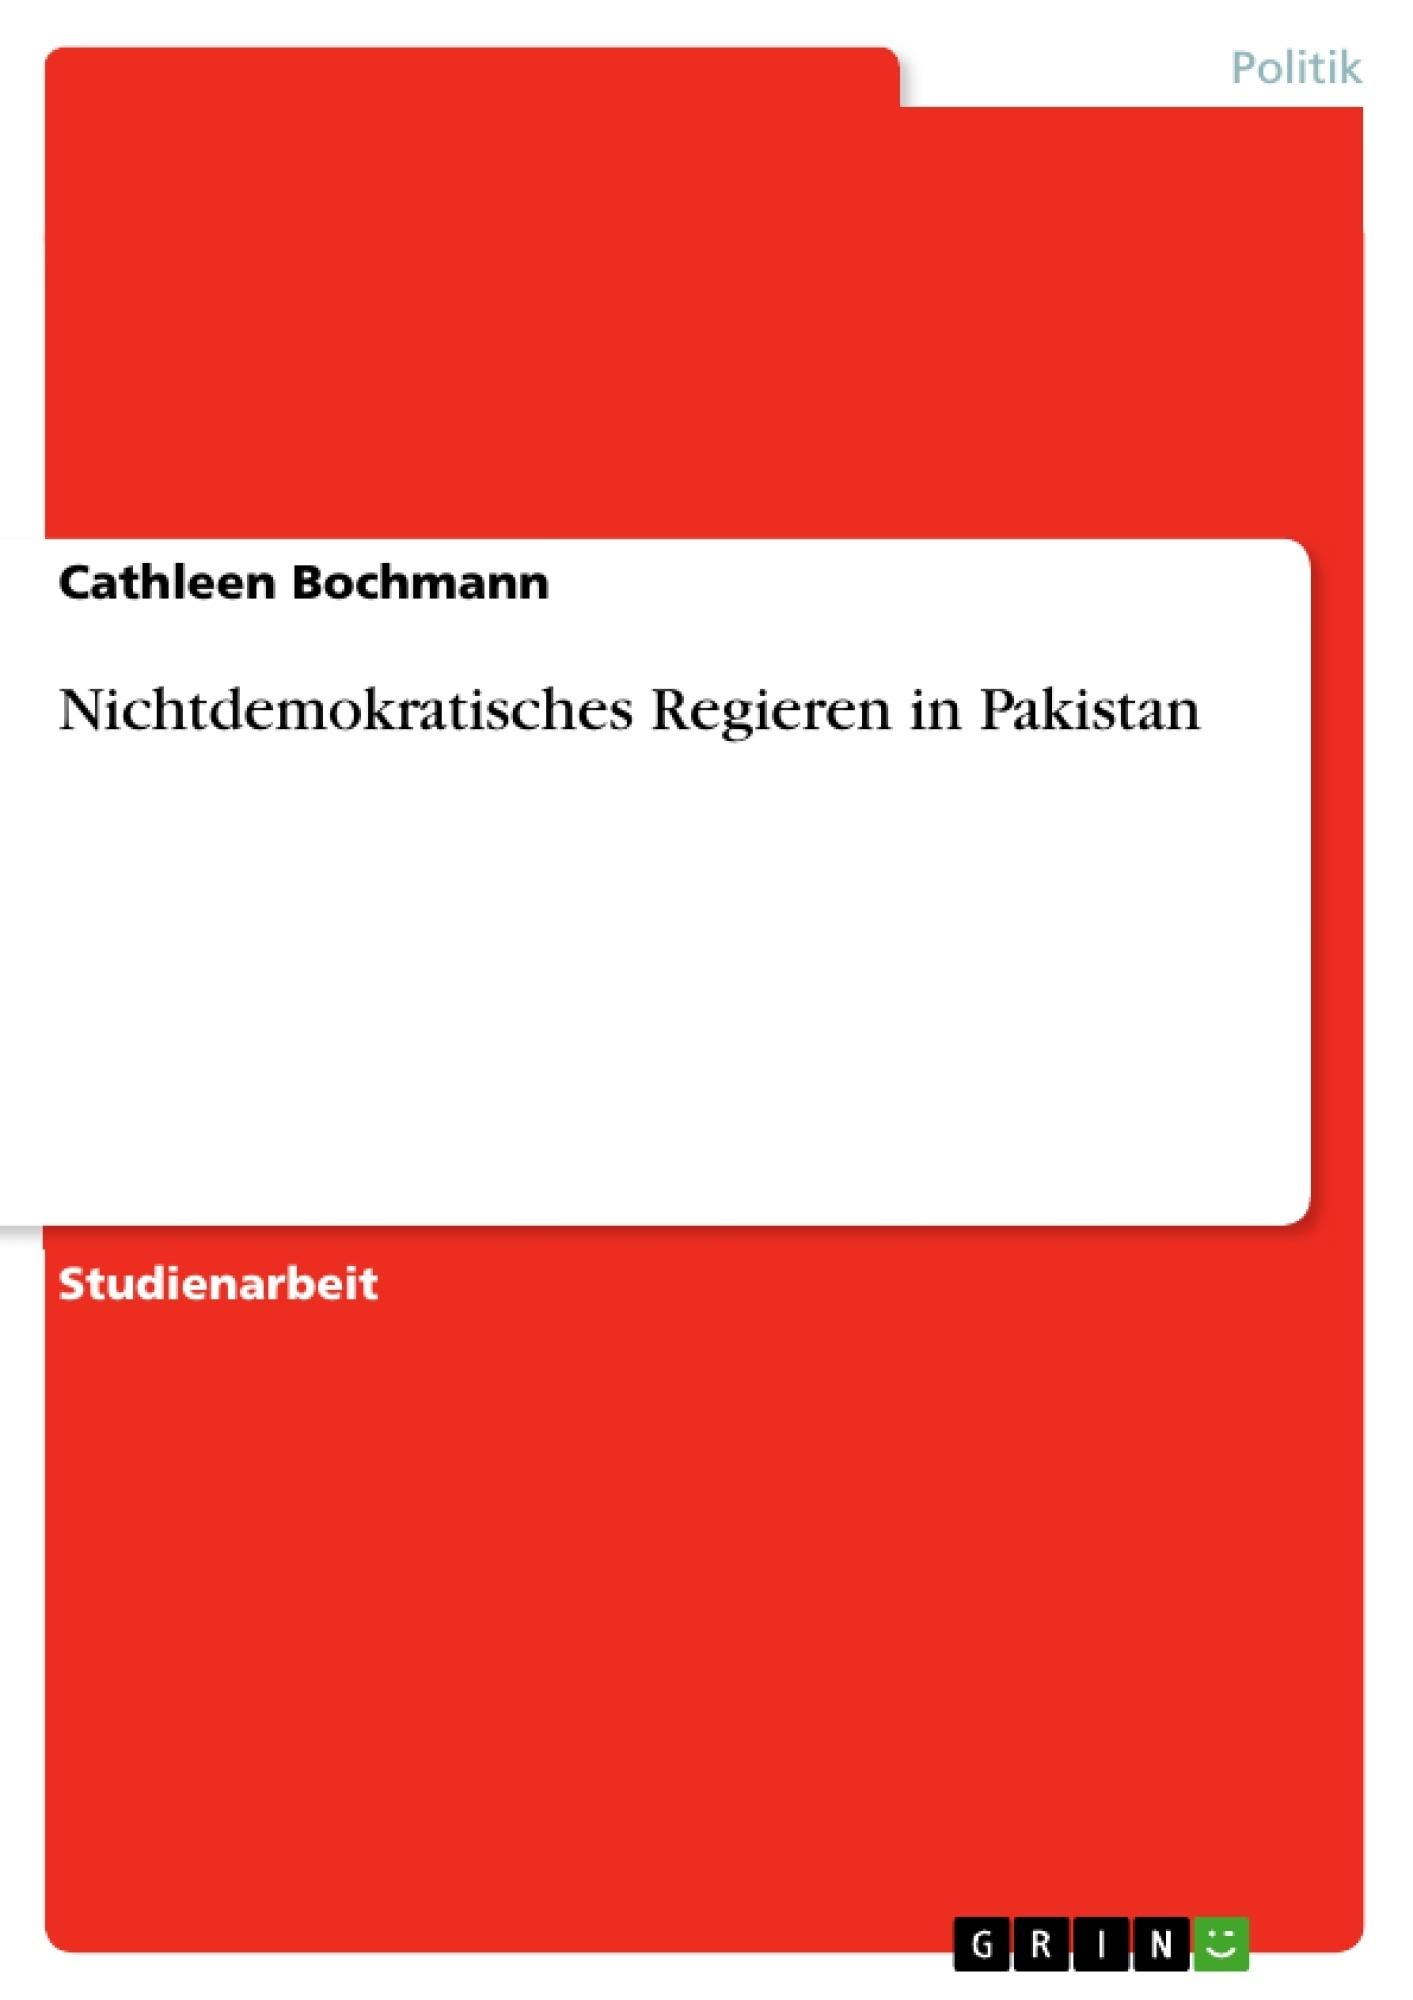 Titel: Nichtdemokratisches Regieren in Pakistan